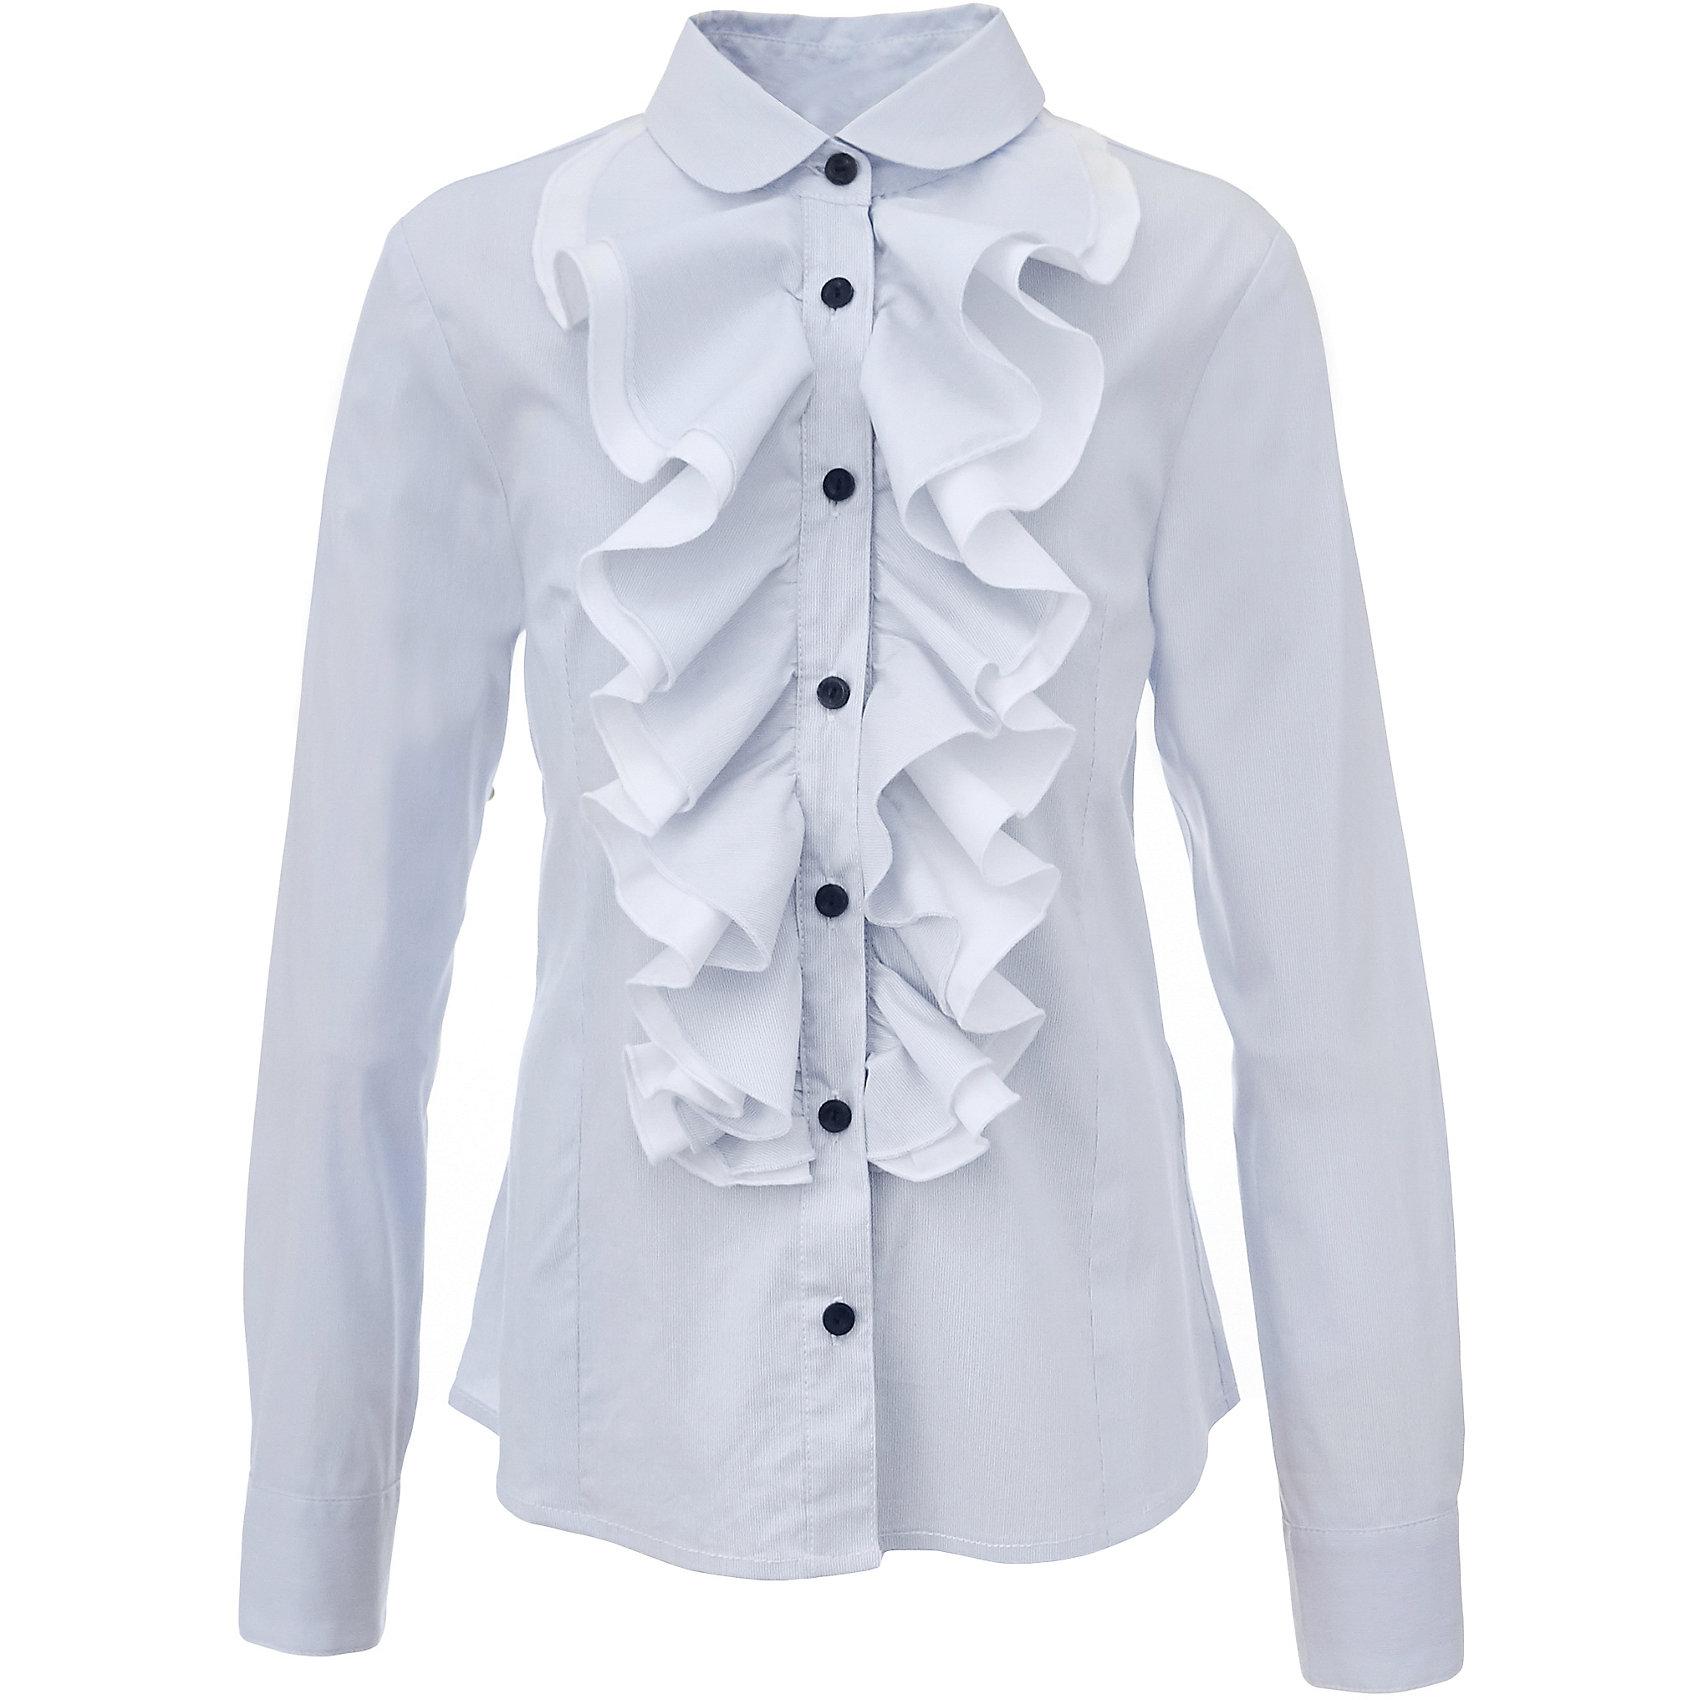 Блузка для девочки GulliverБлузки и рубашки<br>Характеристики товара:<br><br>• цвет: голубой<br>• состав: 75% хлопок, 23% полиэстер, 2% эластан <br>• сезон: демисезон<br>• декорирована рюшами<br>• с длинным рукавом<br>• застежка: пуговицы<br>• манжеты на пуговице<br>• особенности: школьная, однотонная<br>• страна бренда: Российская Федерация<br>• страна производства: Российская Федерация<br><br>Школьная блузка с длинным рукавом для девочки. Голубая блузка с рюшами застегивается на пуговицы, манжеты рукавов на одной пуговице.<br><br>Блузку для девочки Gulliver (Гулливер) можно купить в нашем интернет-магазине.<br><br>Ширина мм: 186<br>Глубина мм: 87<br>Высота мм: 198<br>Вес г: 197<br>Цвет: голубой<br>Возраст от месяцев: 72<br>Возраст до месяцев: 84<br>Пол: Женский<br>Возраст: Детский<br>Размер: 122,170,128,134,140,146,152,158,164<br>SKU: 6678728